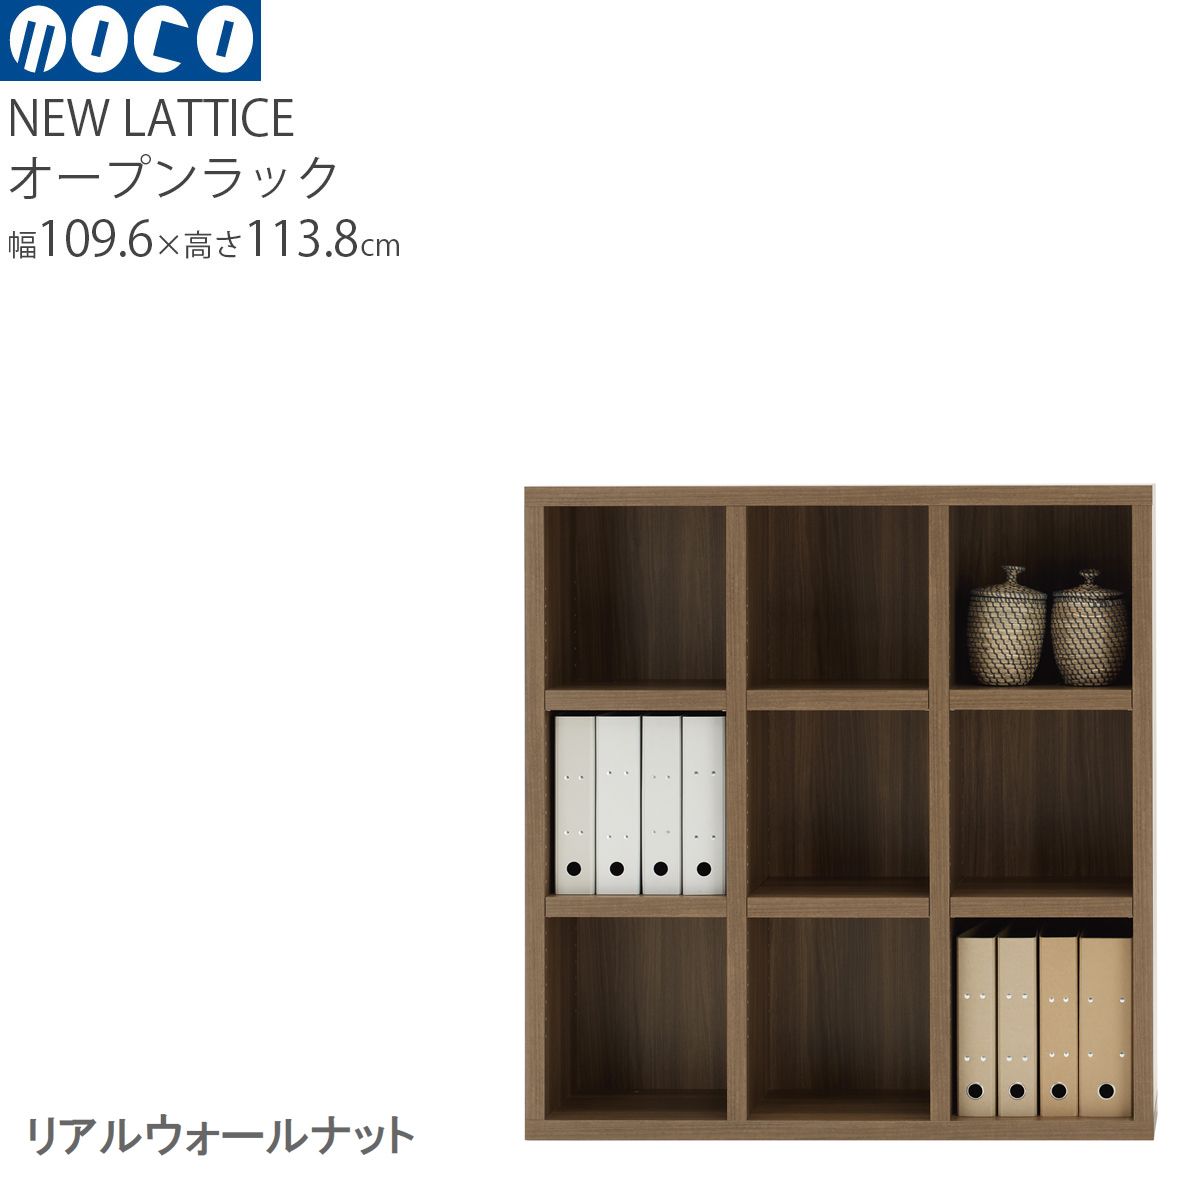 FHD-110L フナモコ ラチス ロータイプシェルフ 幅110×高さ114cm リアルウォールナット 日本製 国産